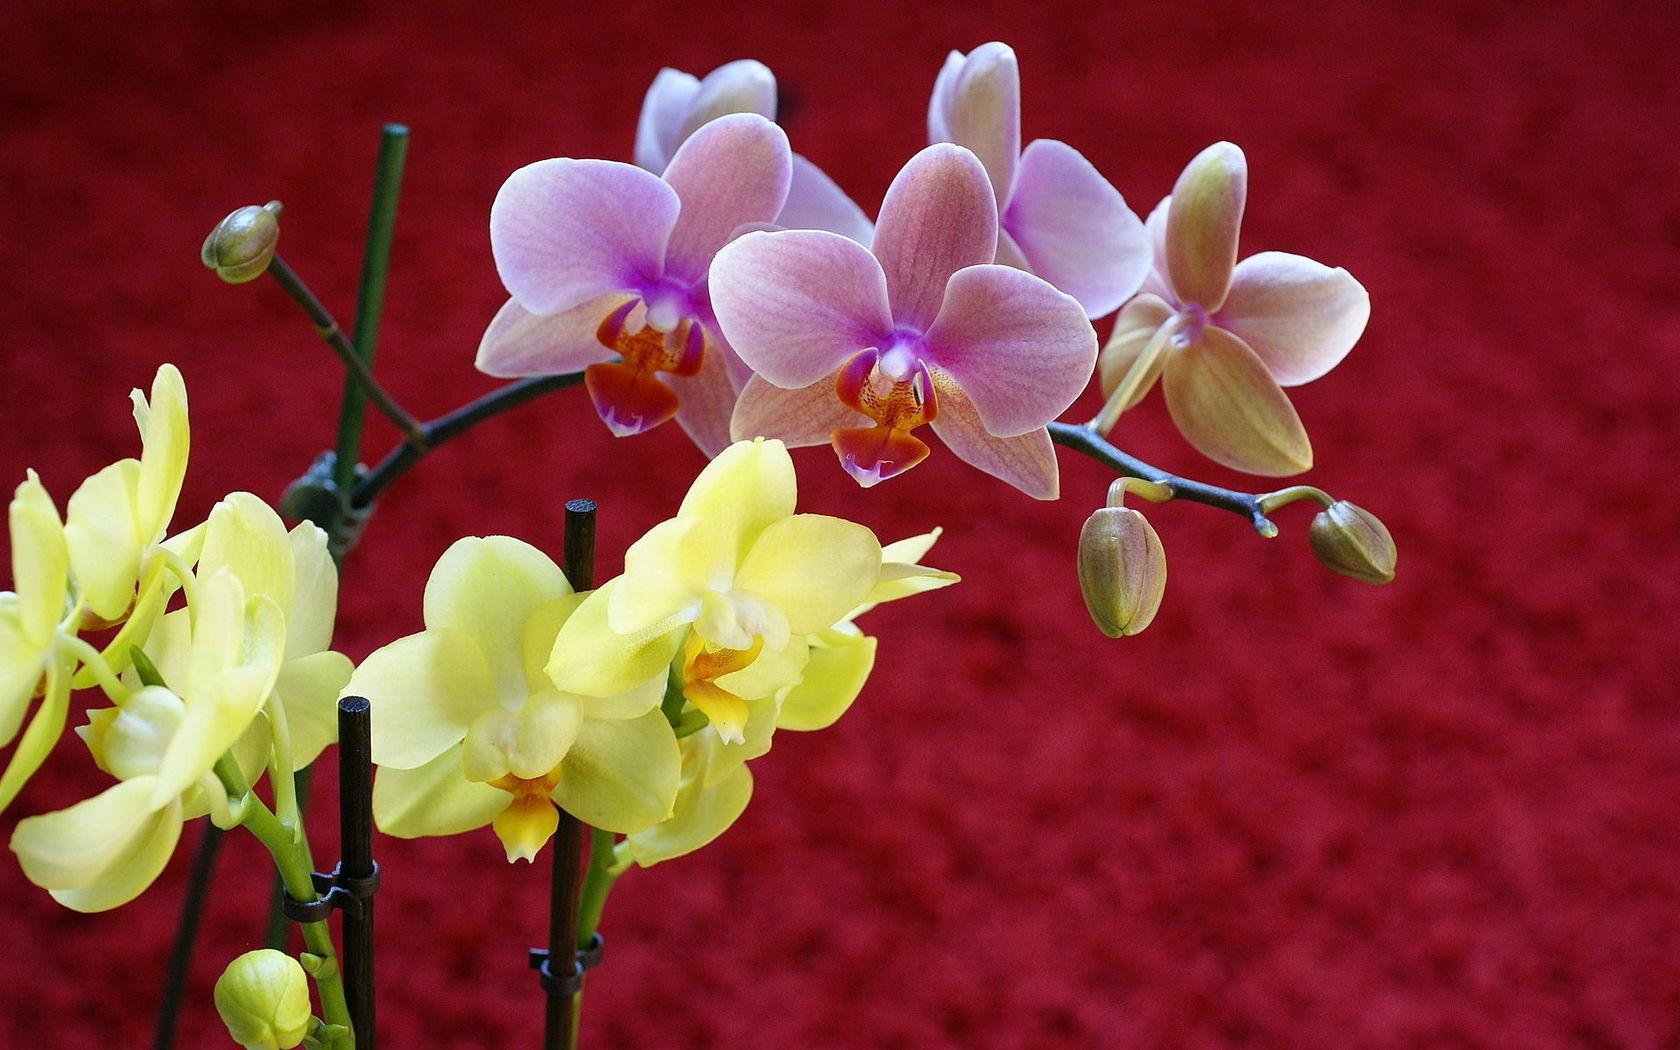 Flores amarillas y purpuras - 1680x1050